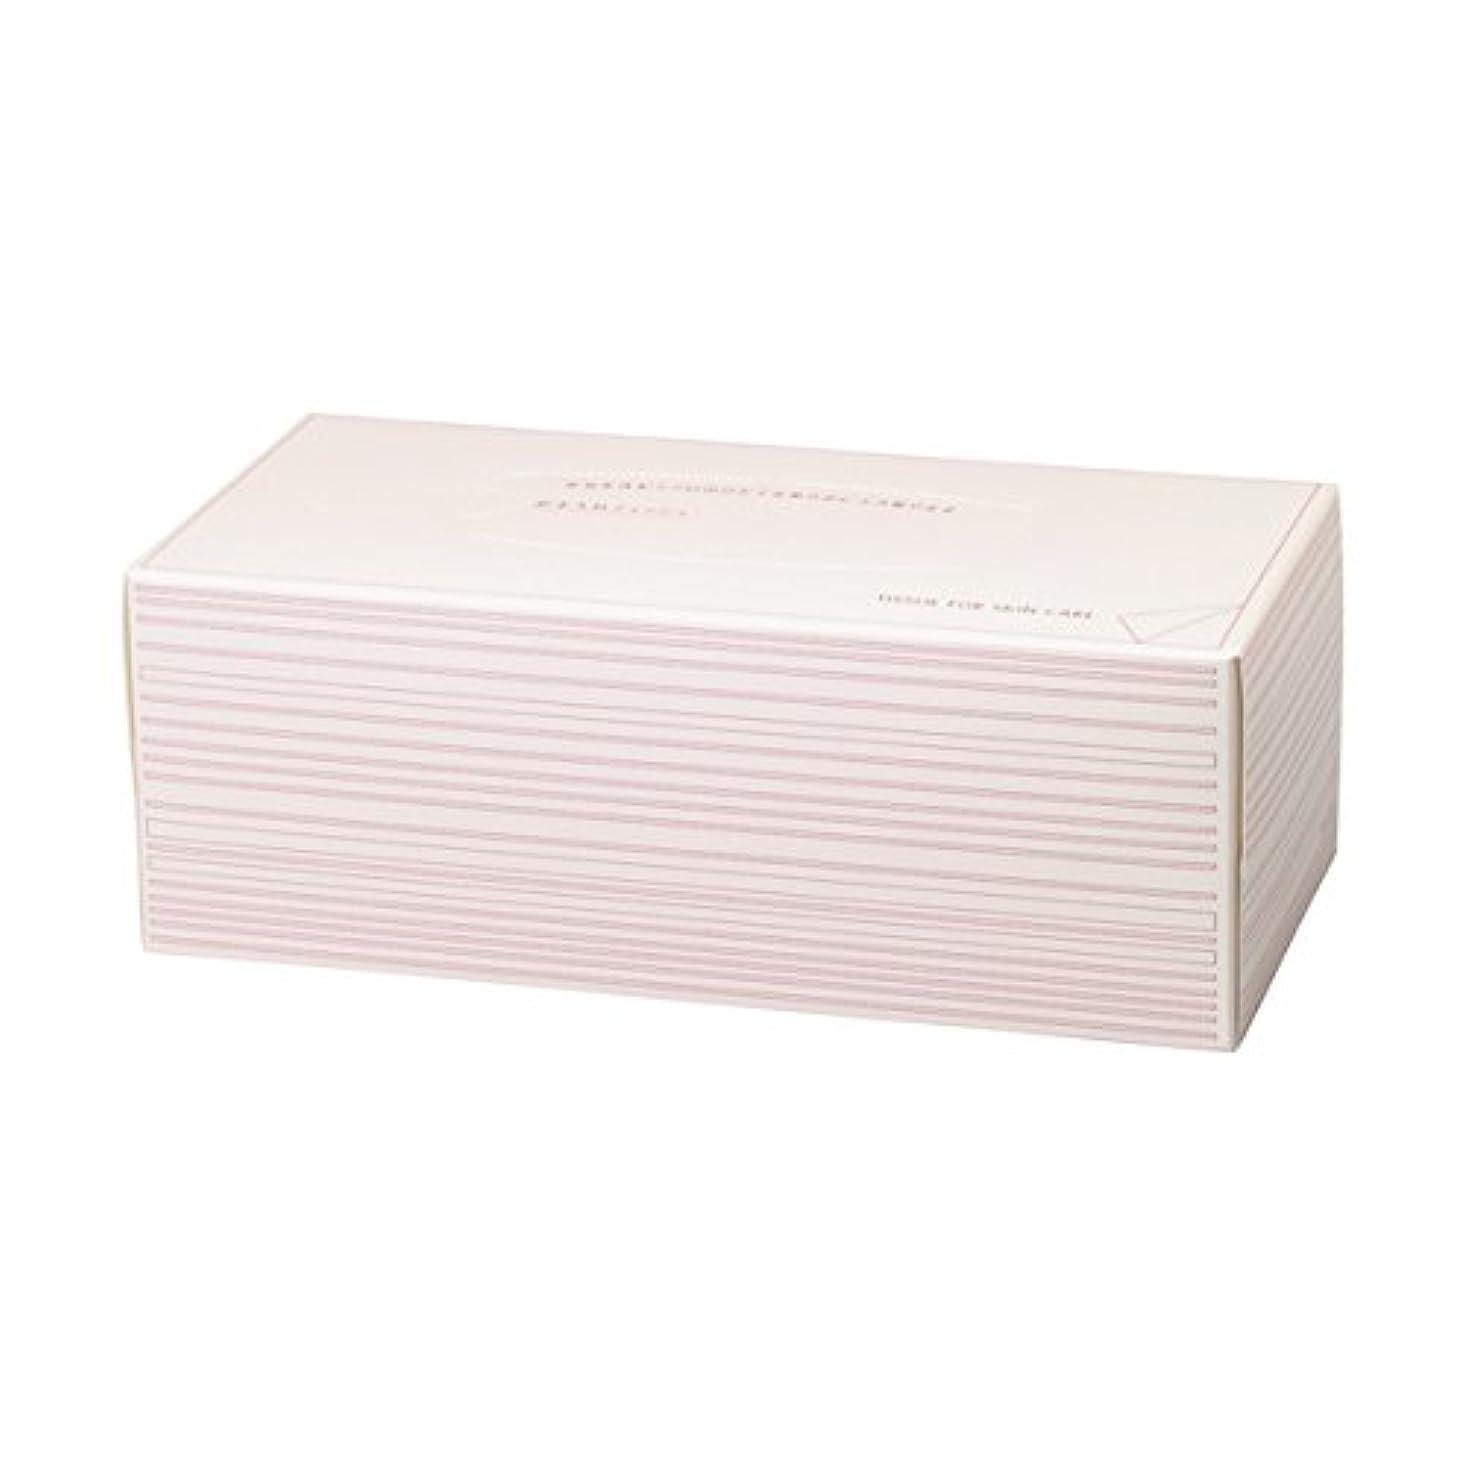 チャレンジ風味ワイプ資生堂 お手入れティッシュN 320枚入(160組)